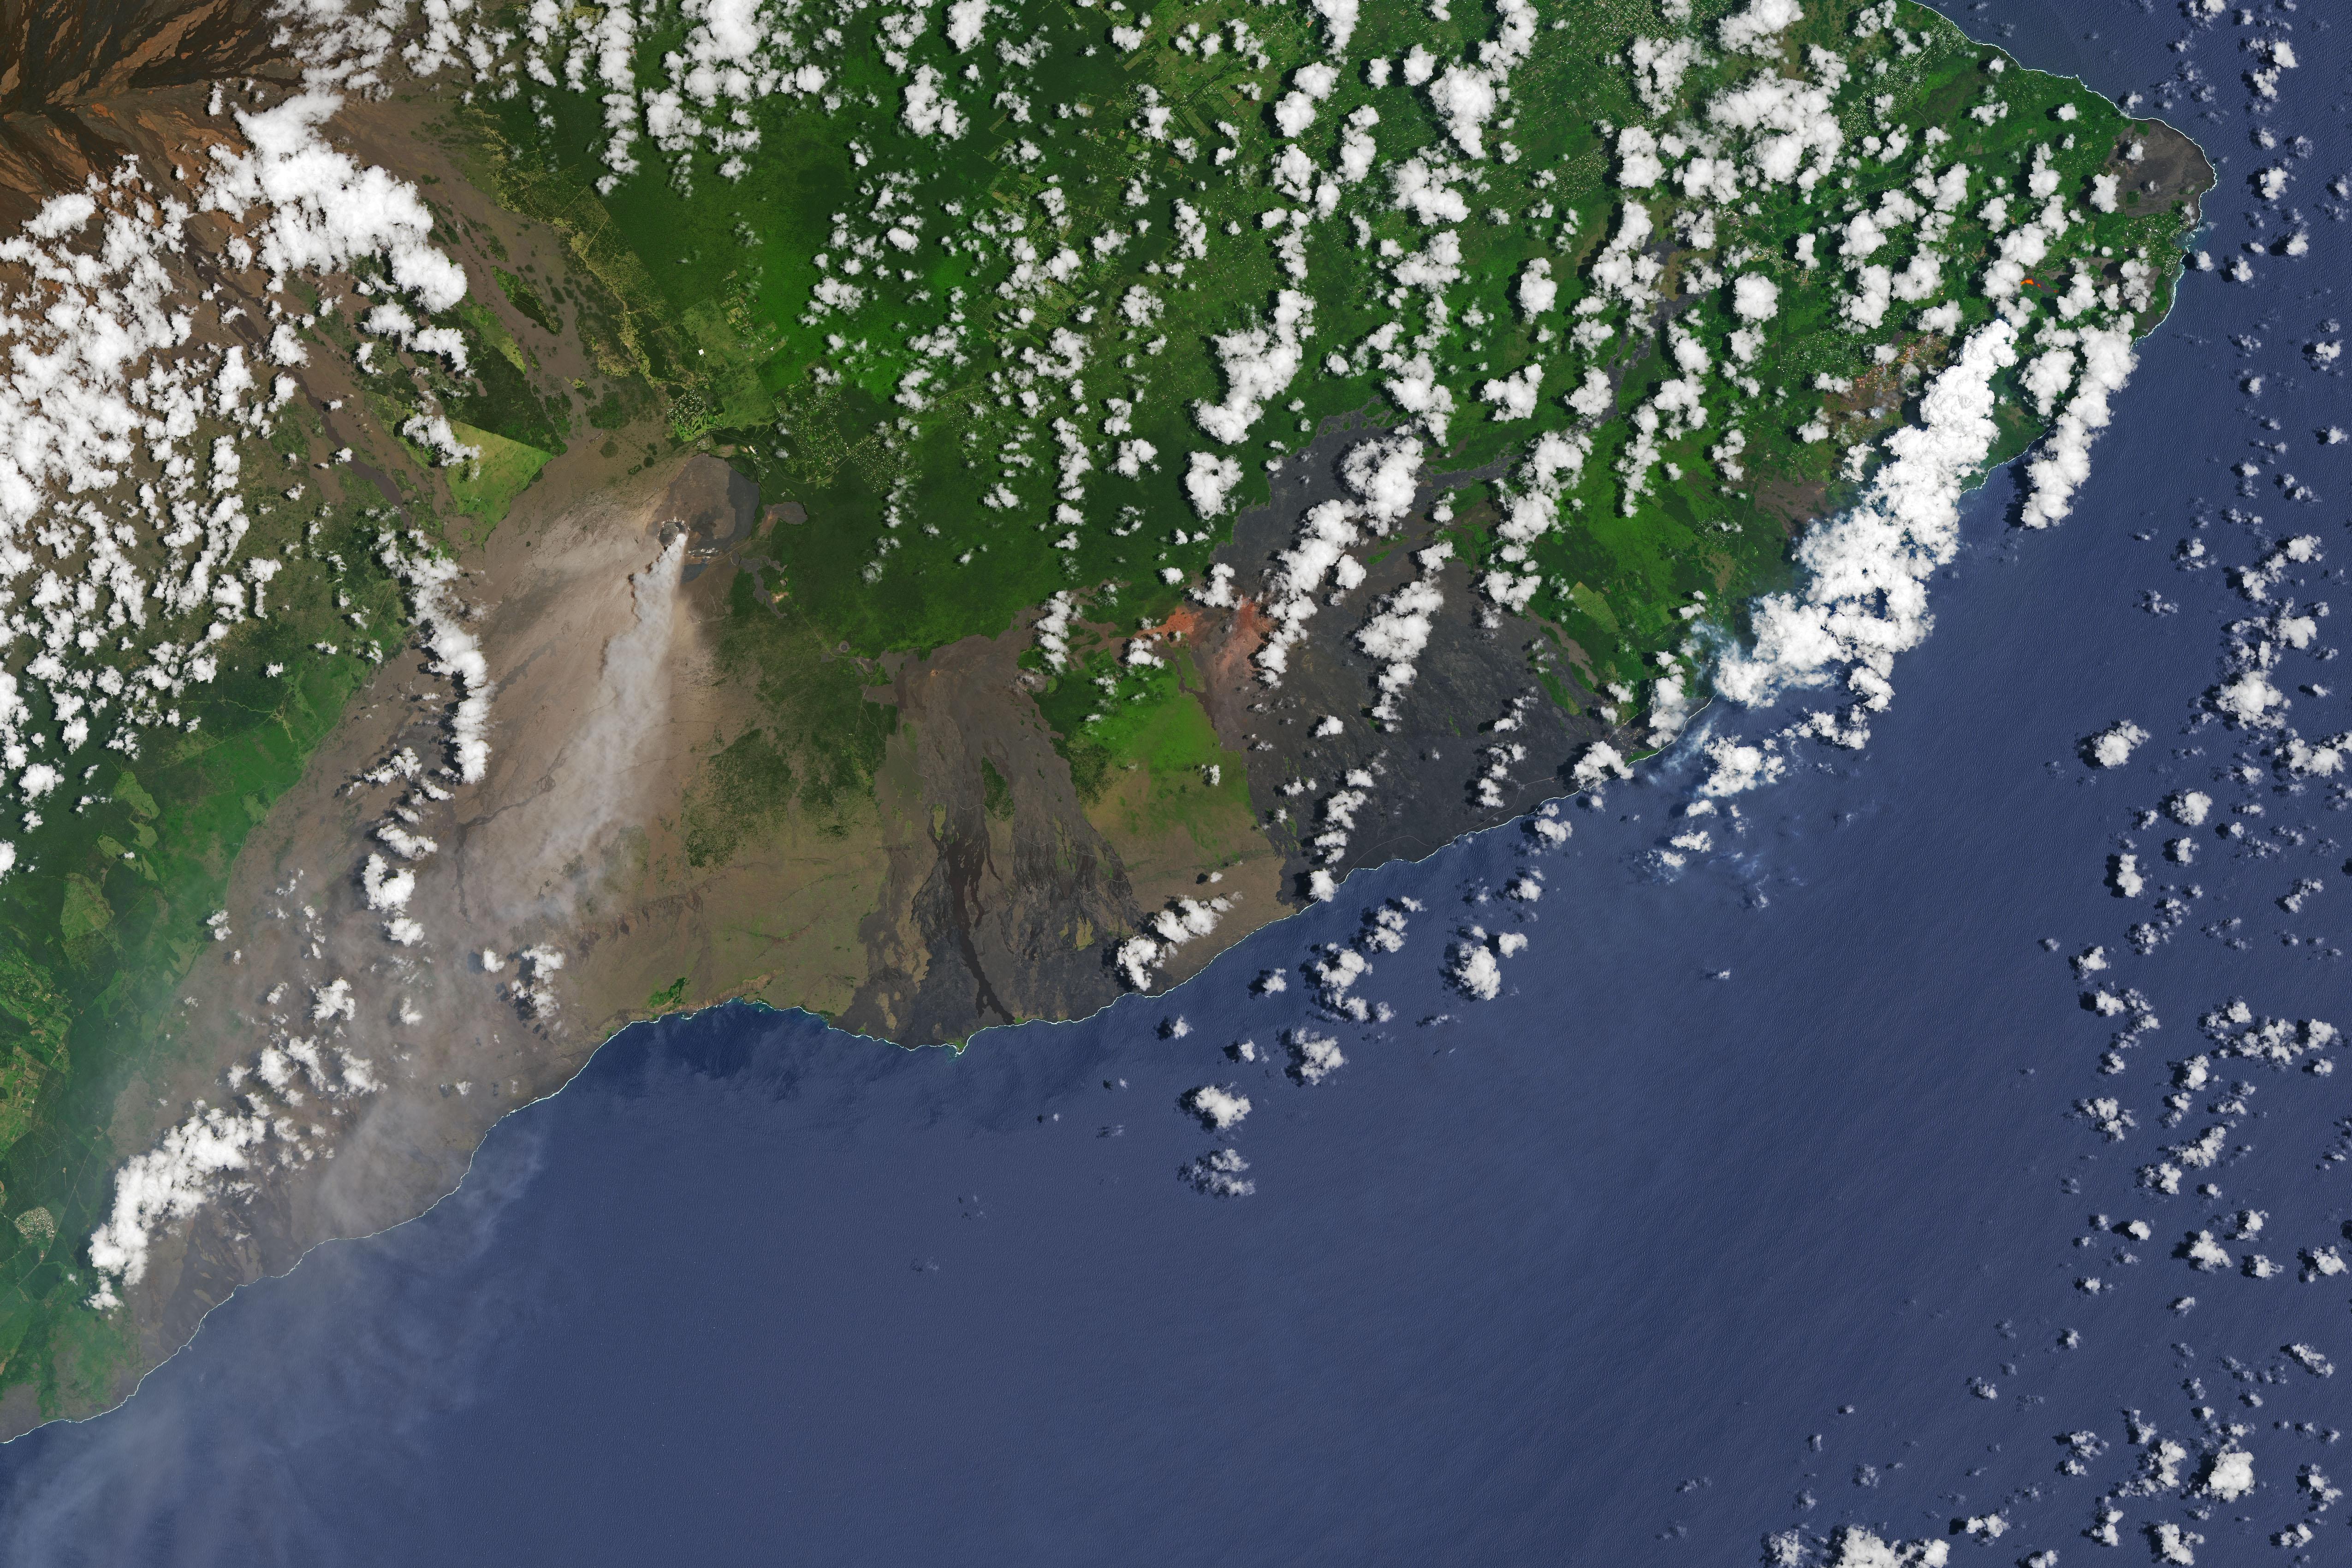 Столб дыма из вулкана Килауэа 14 мая 2018 года. Спутниковый снимок Landsat-9. <i>NASA Earth Observatory, USGS</i>.